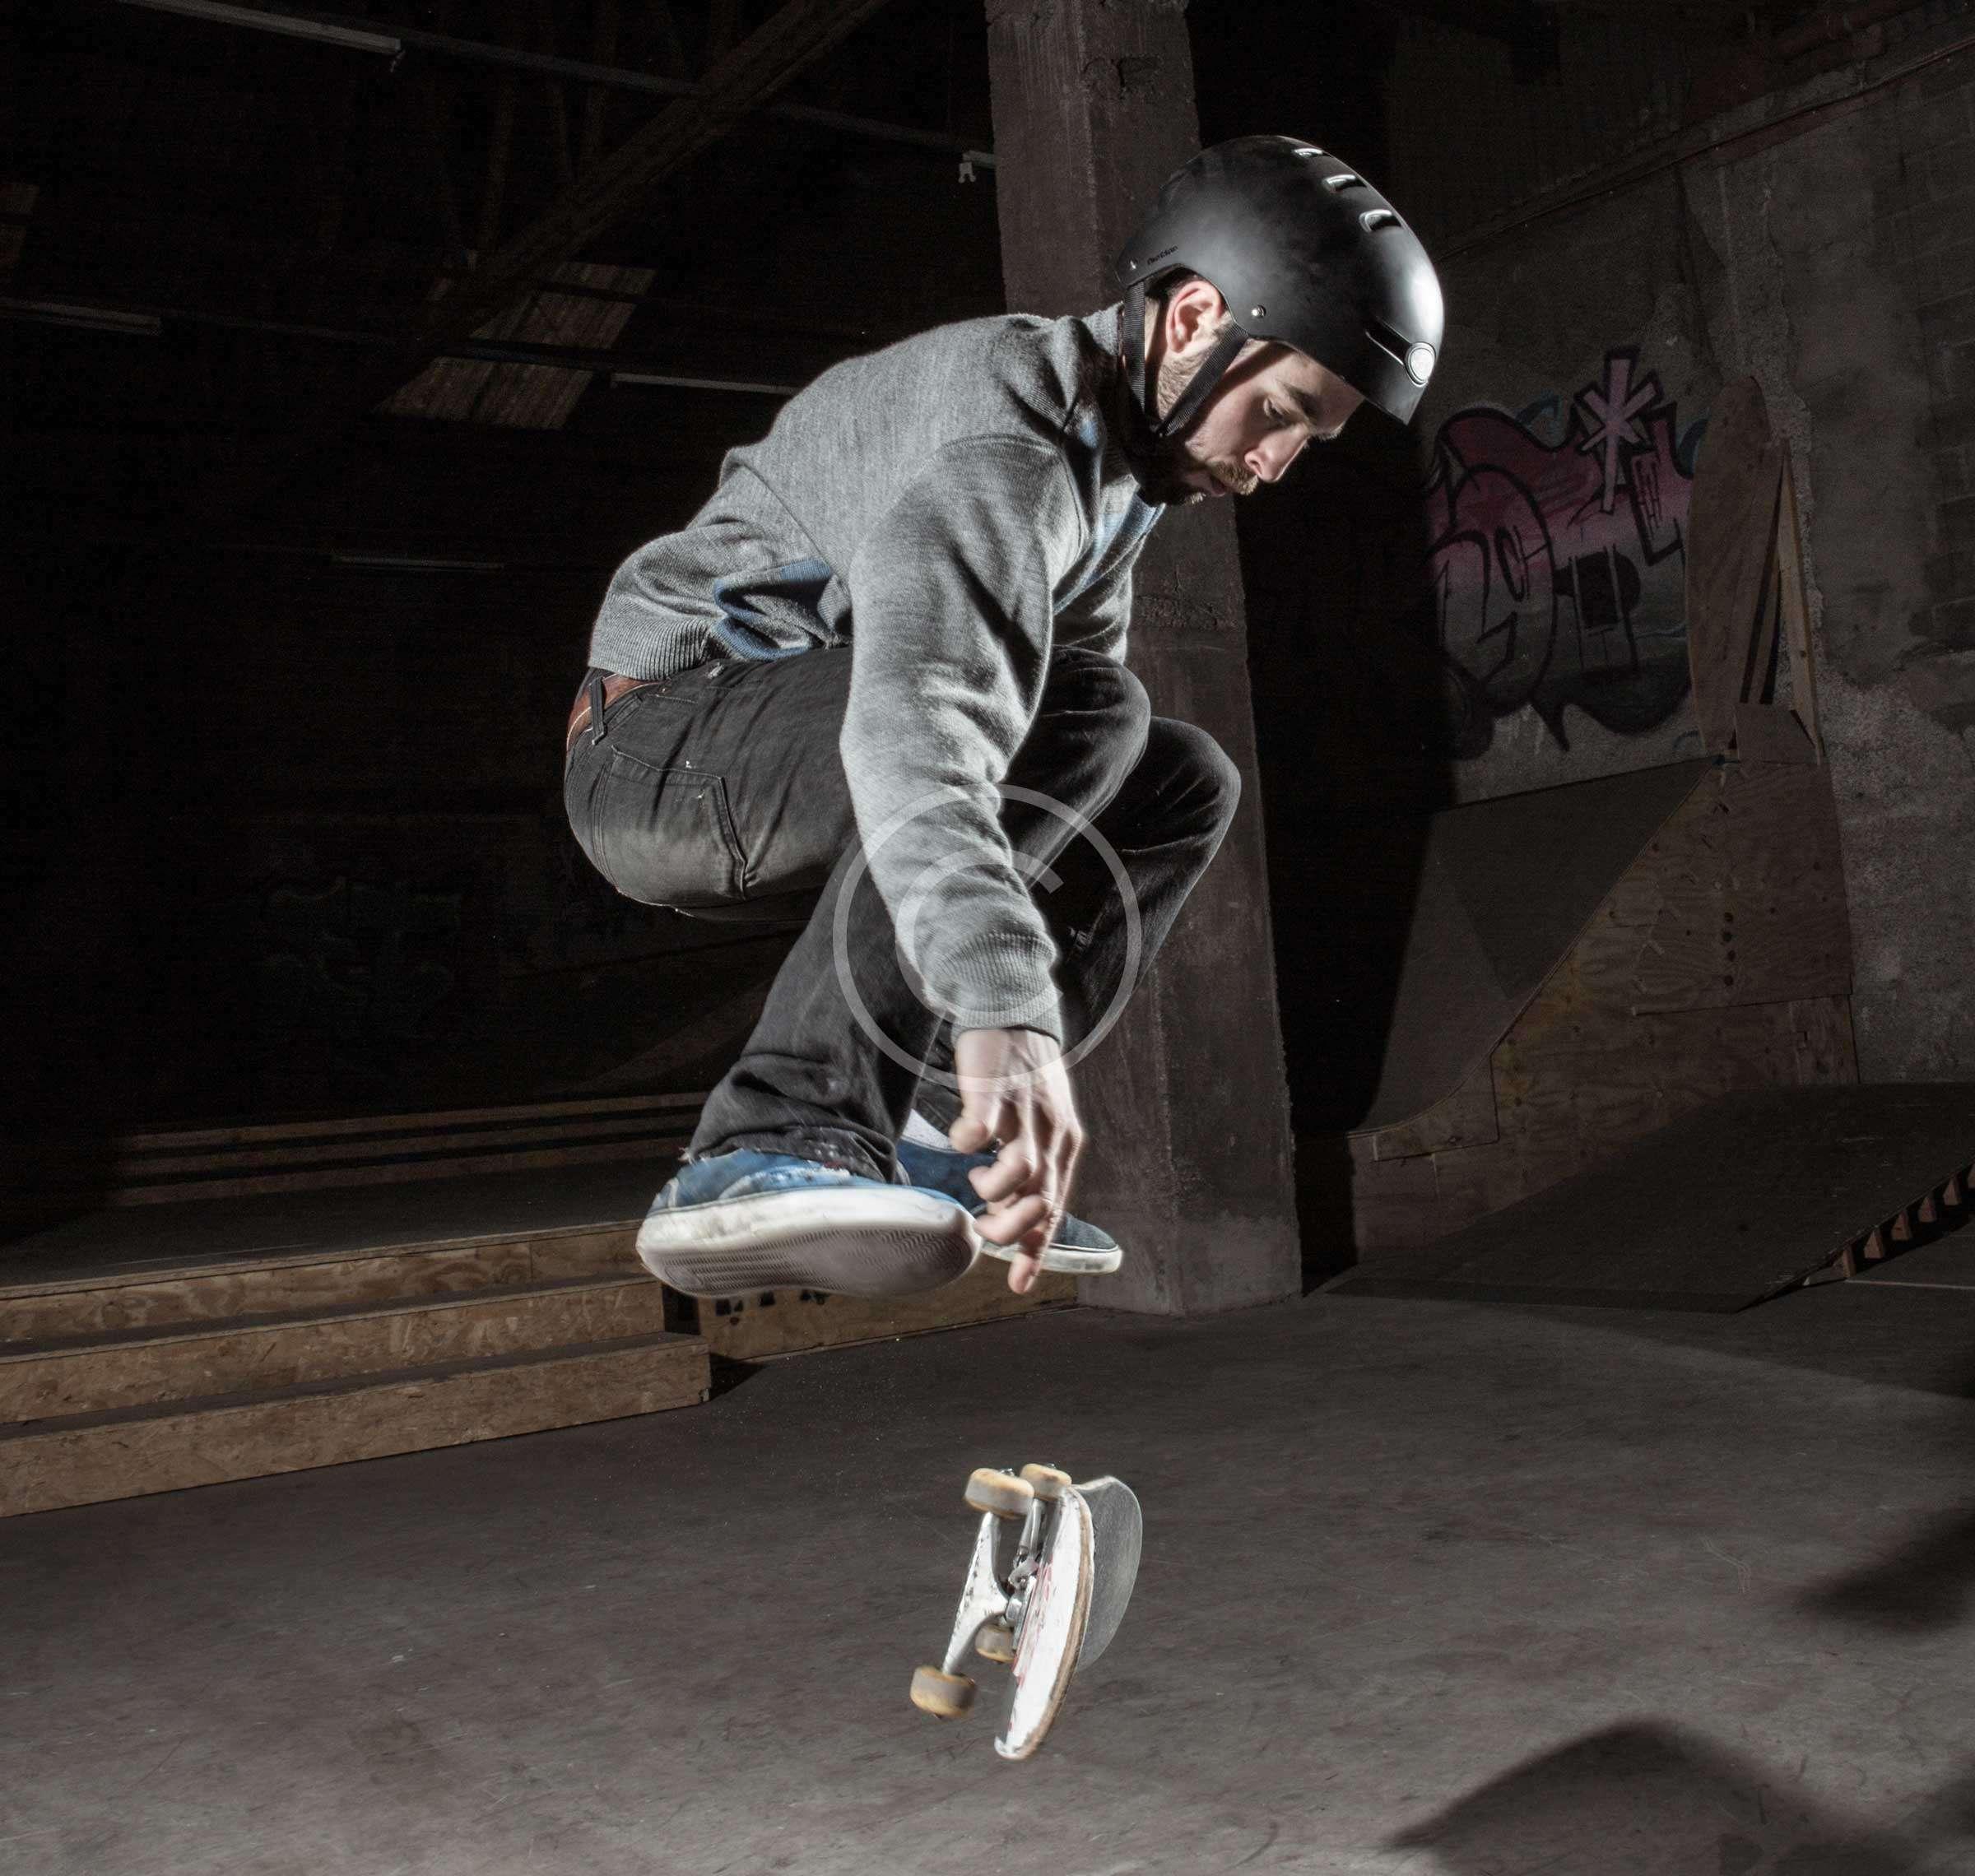 Skateboarding Masterclass from the Board Kings